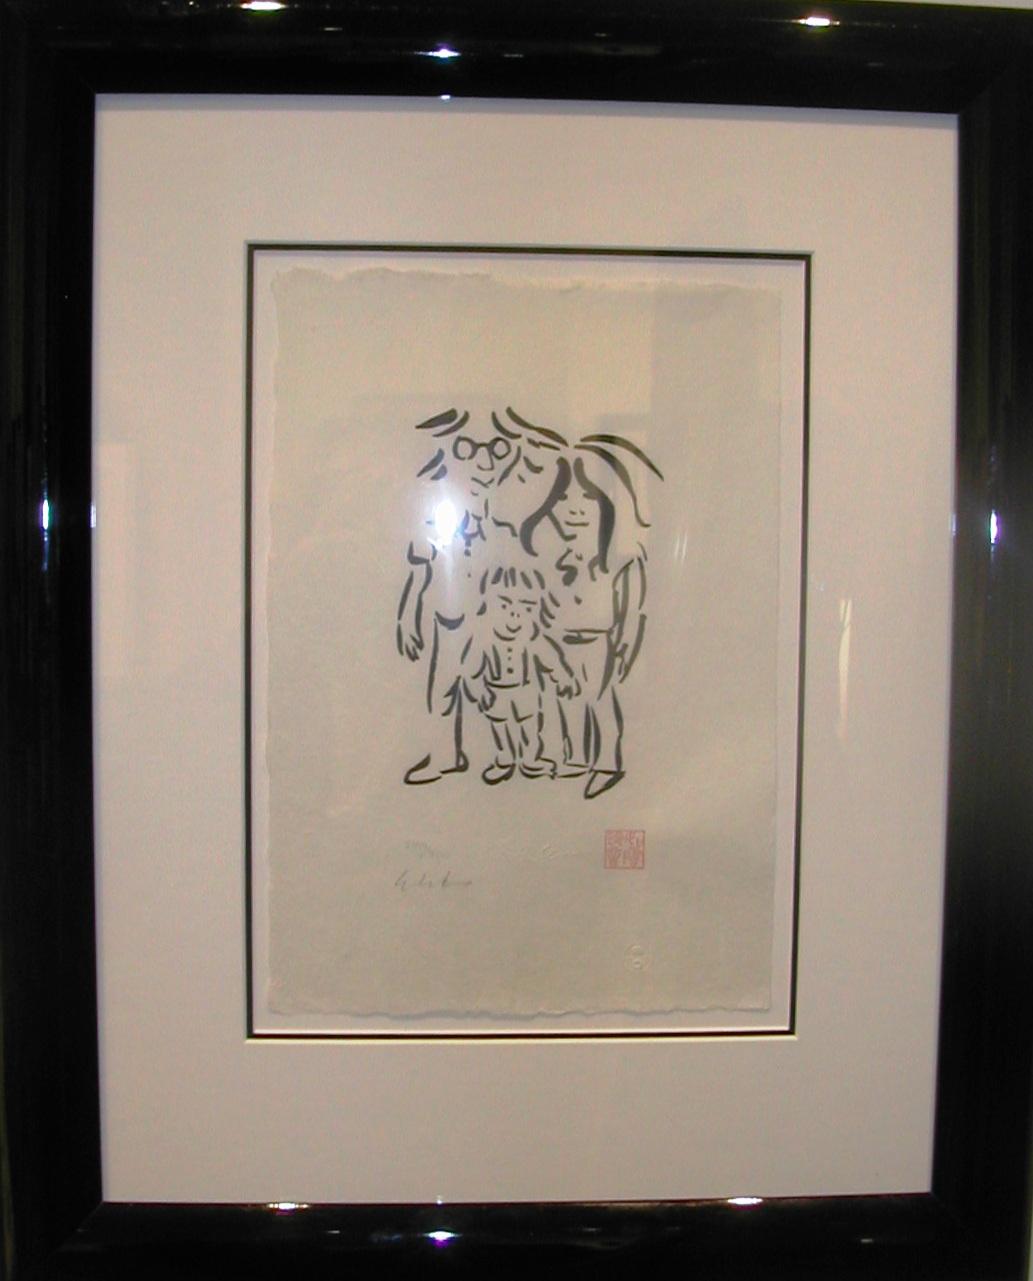 IMAGINE PEACE artwork by John Lennon - art listed for sale on Artplode